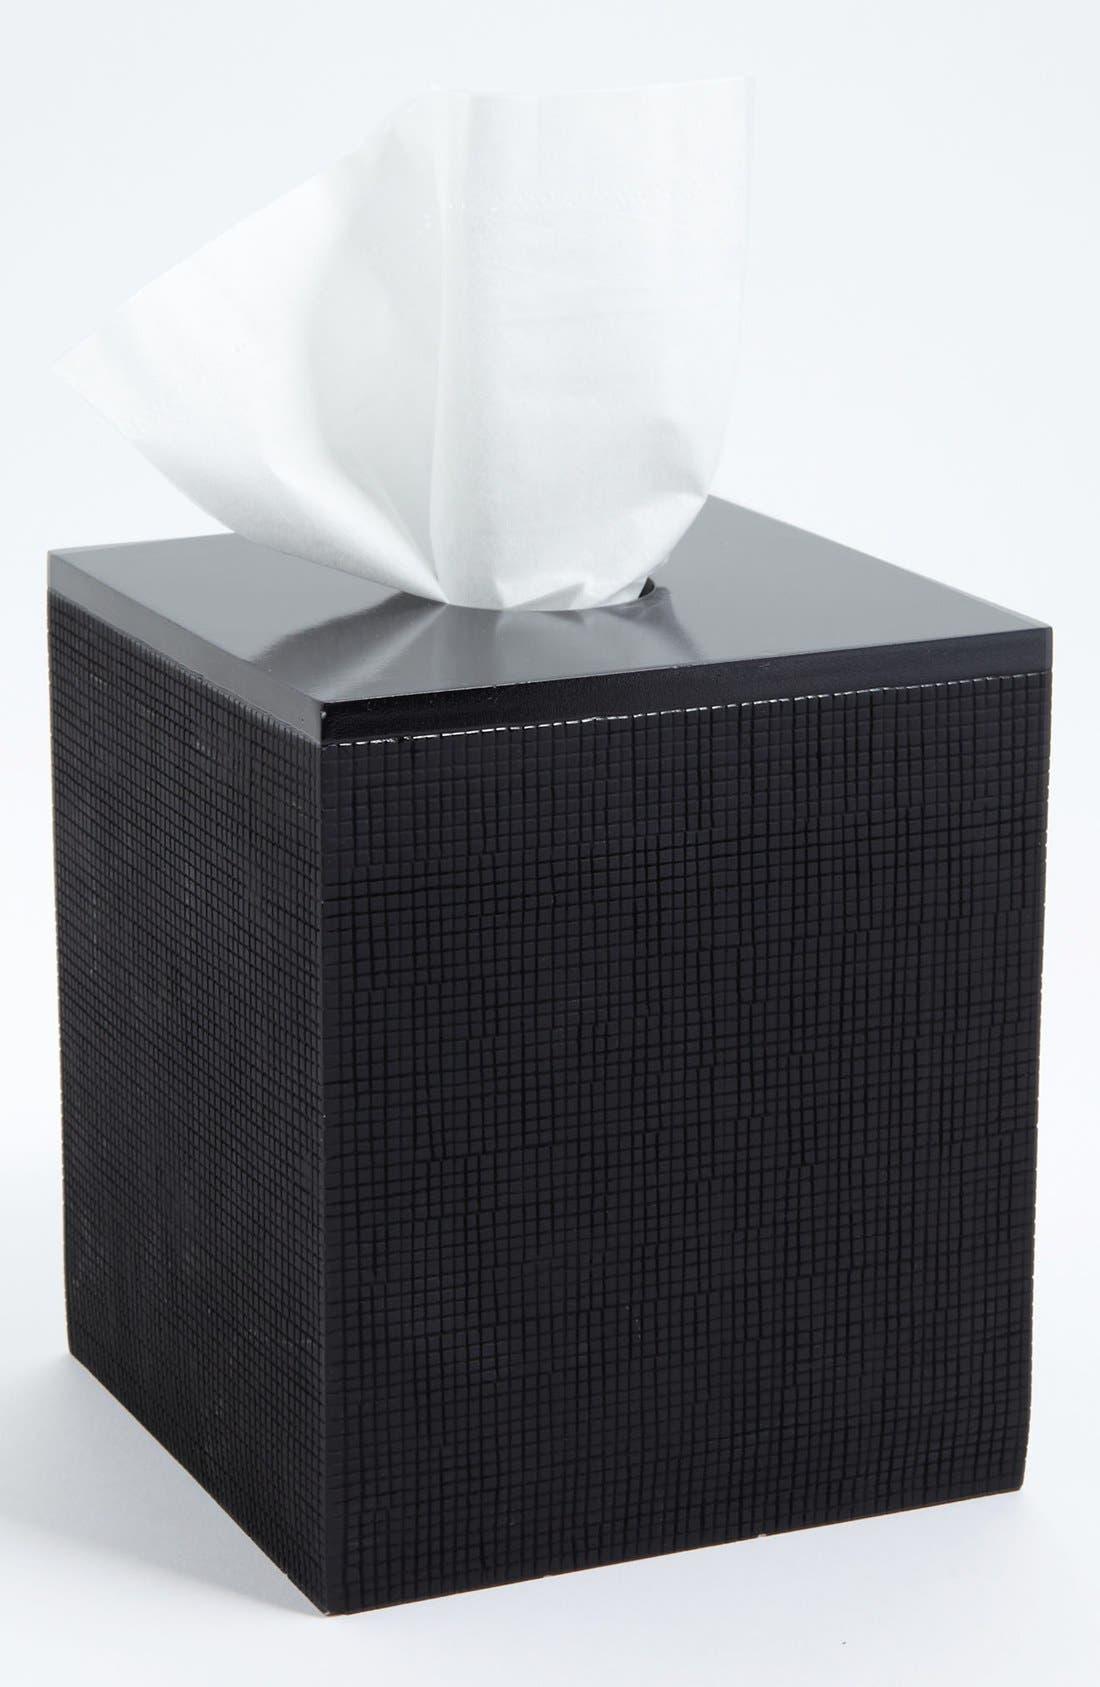 Alternate Image 1 Selected - Waterworks Studio 'Merritt' Tissue Cover (Online Only)